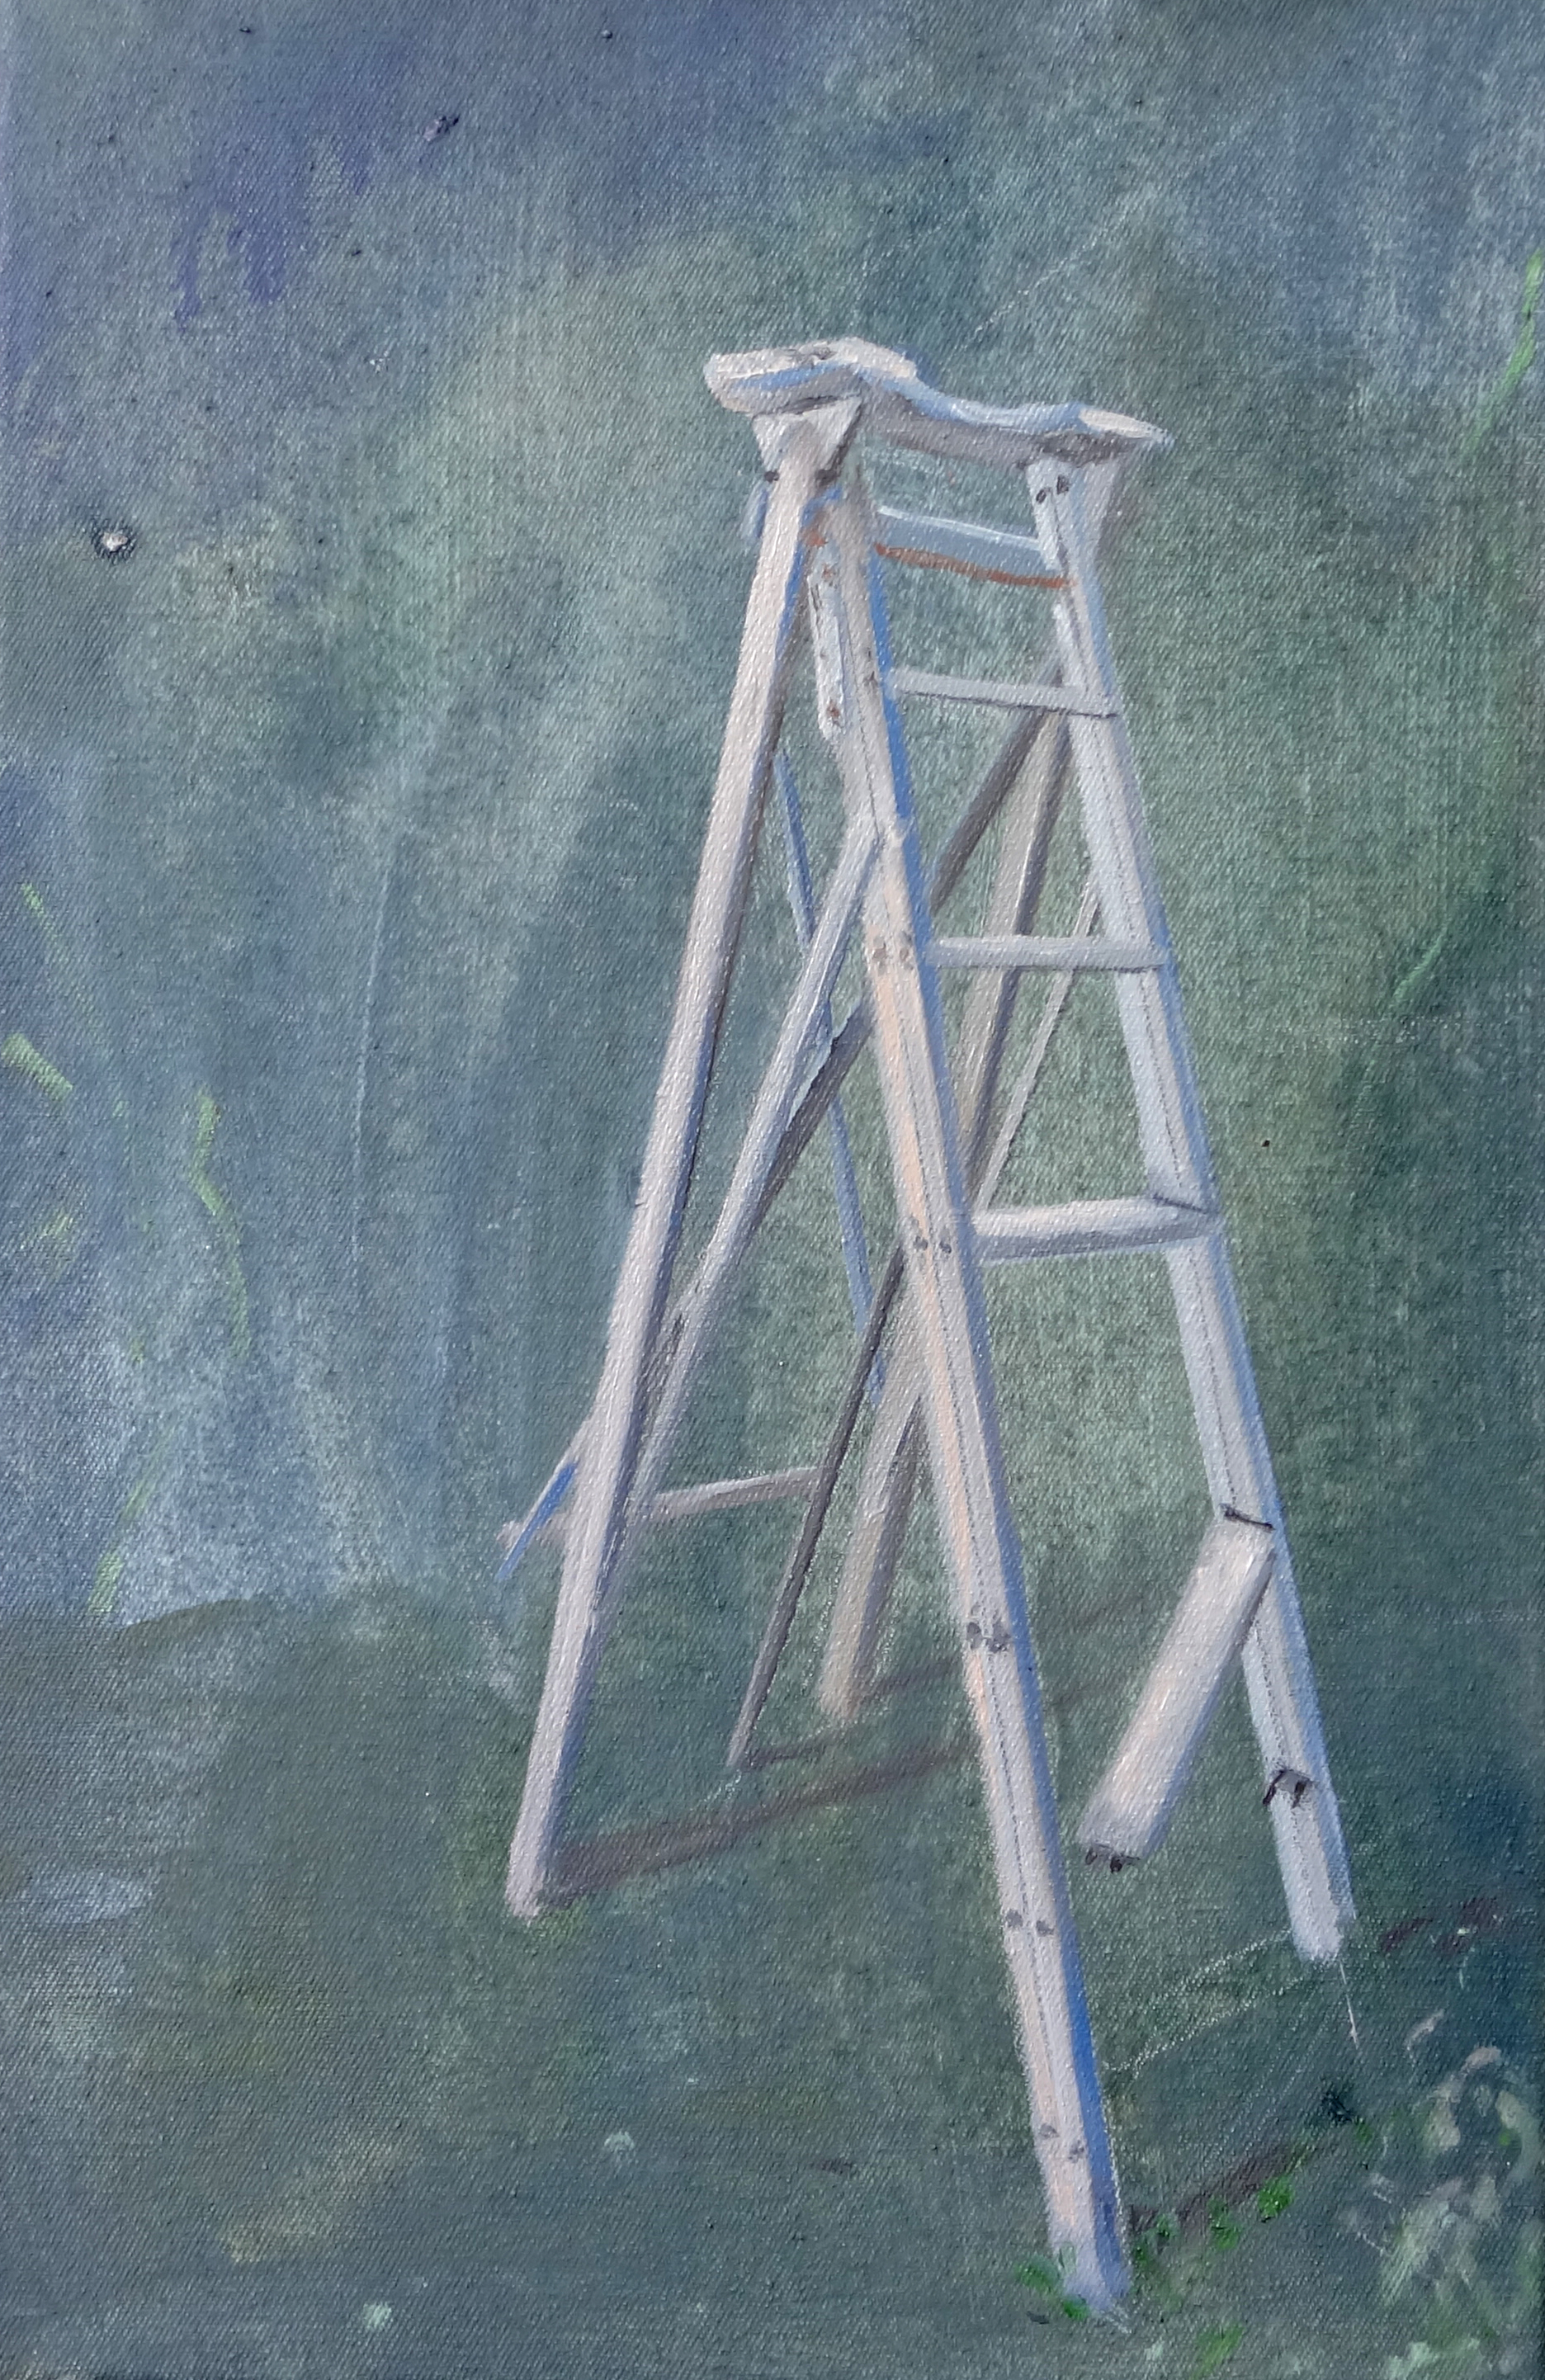 Am Fusse der Leiter 21 x 32 cmjpg